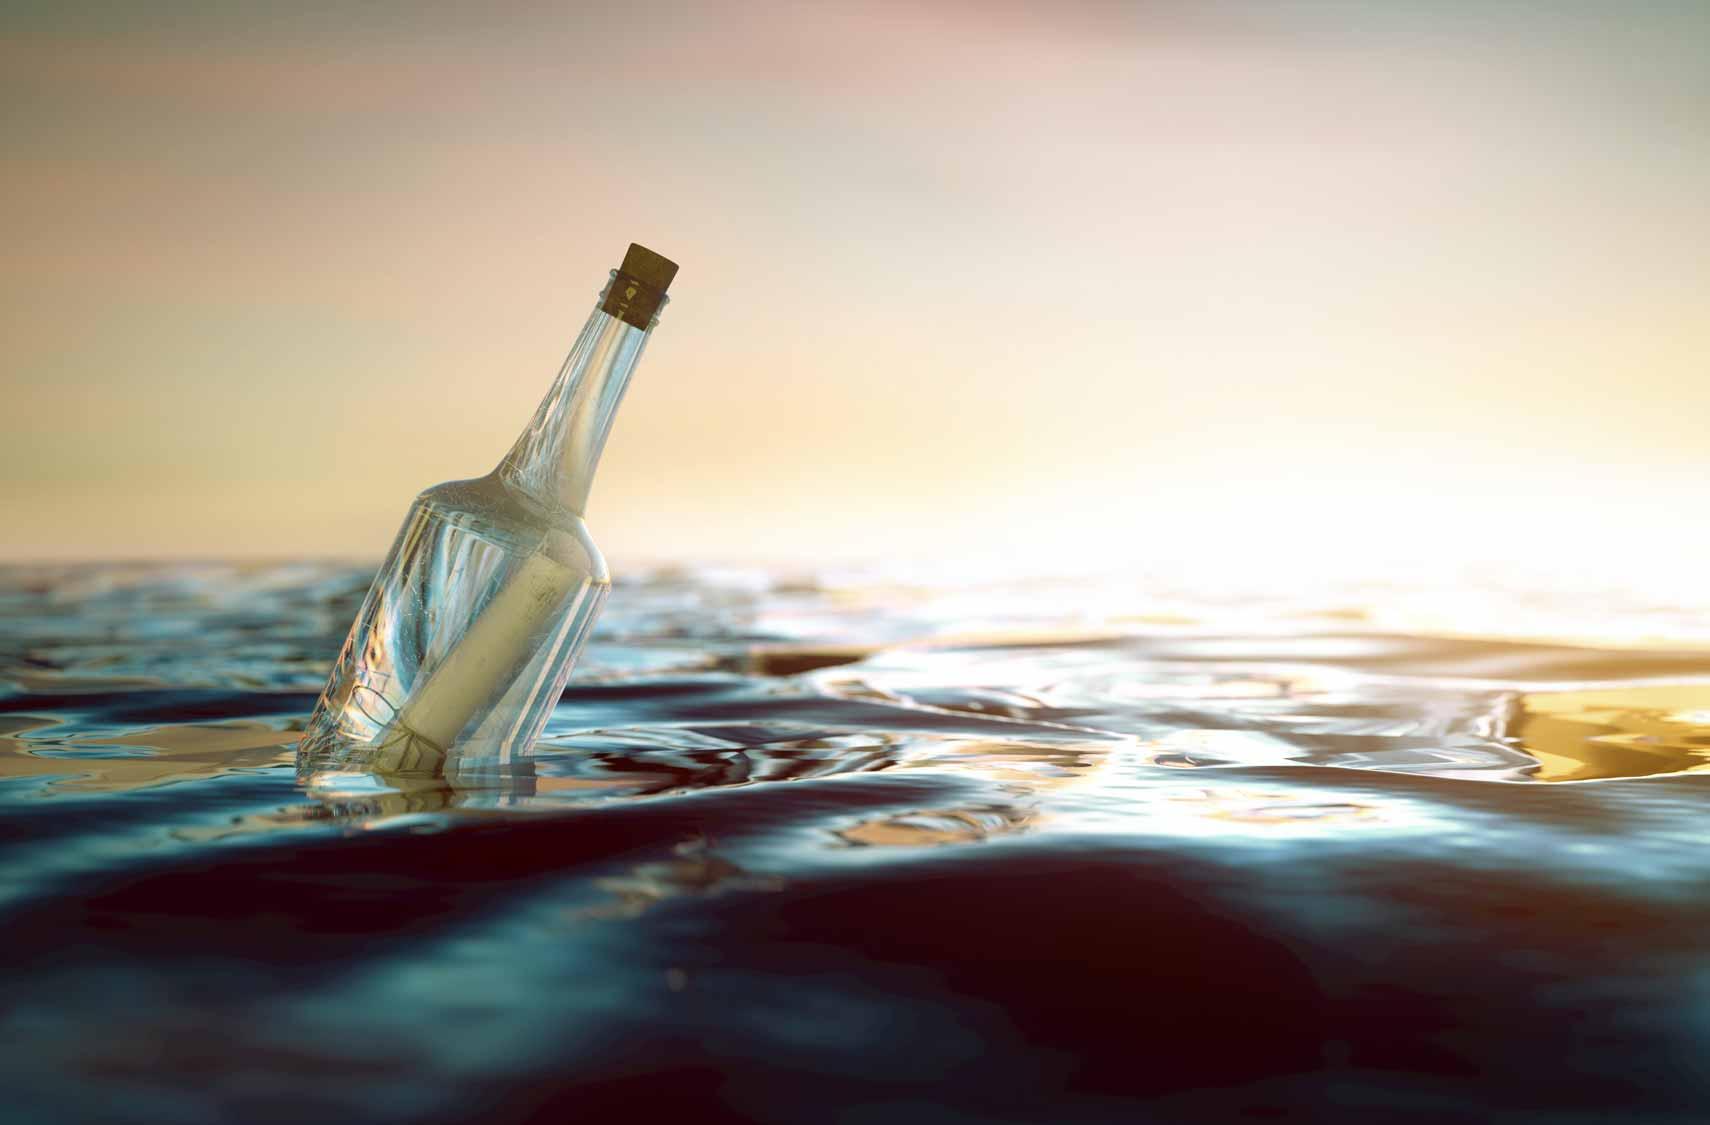 Eine Flaschenpost treibt ziellos auf dem Meer.